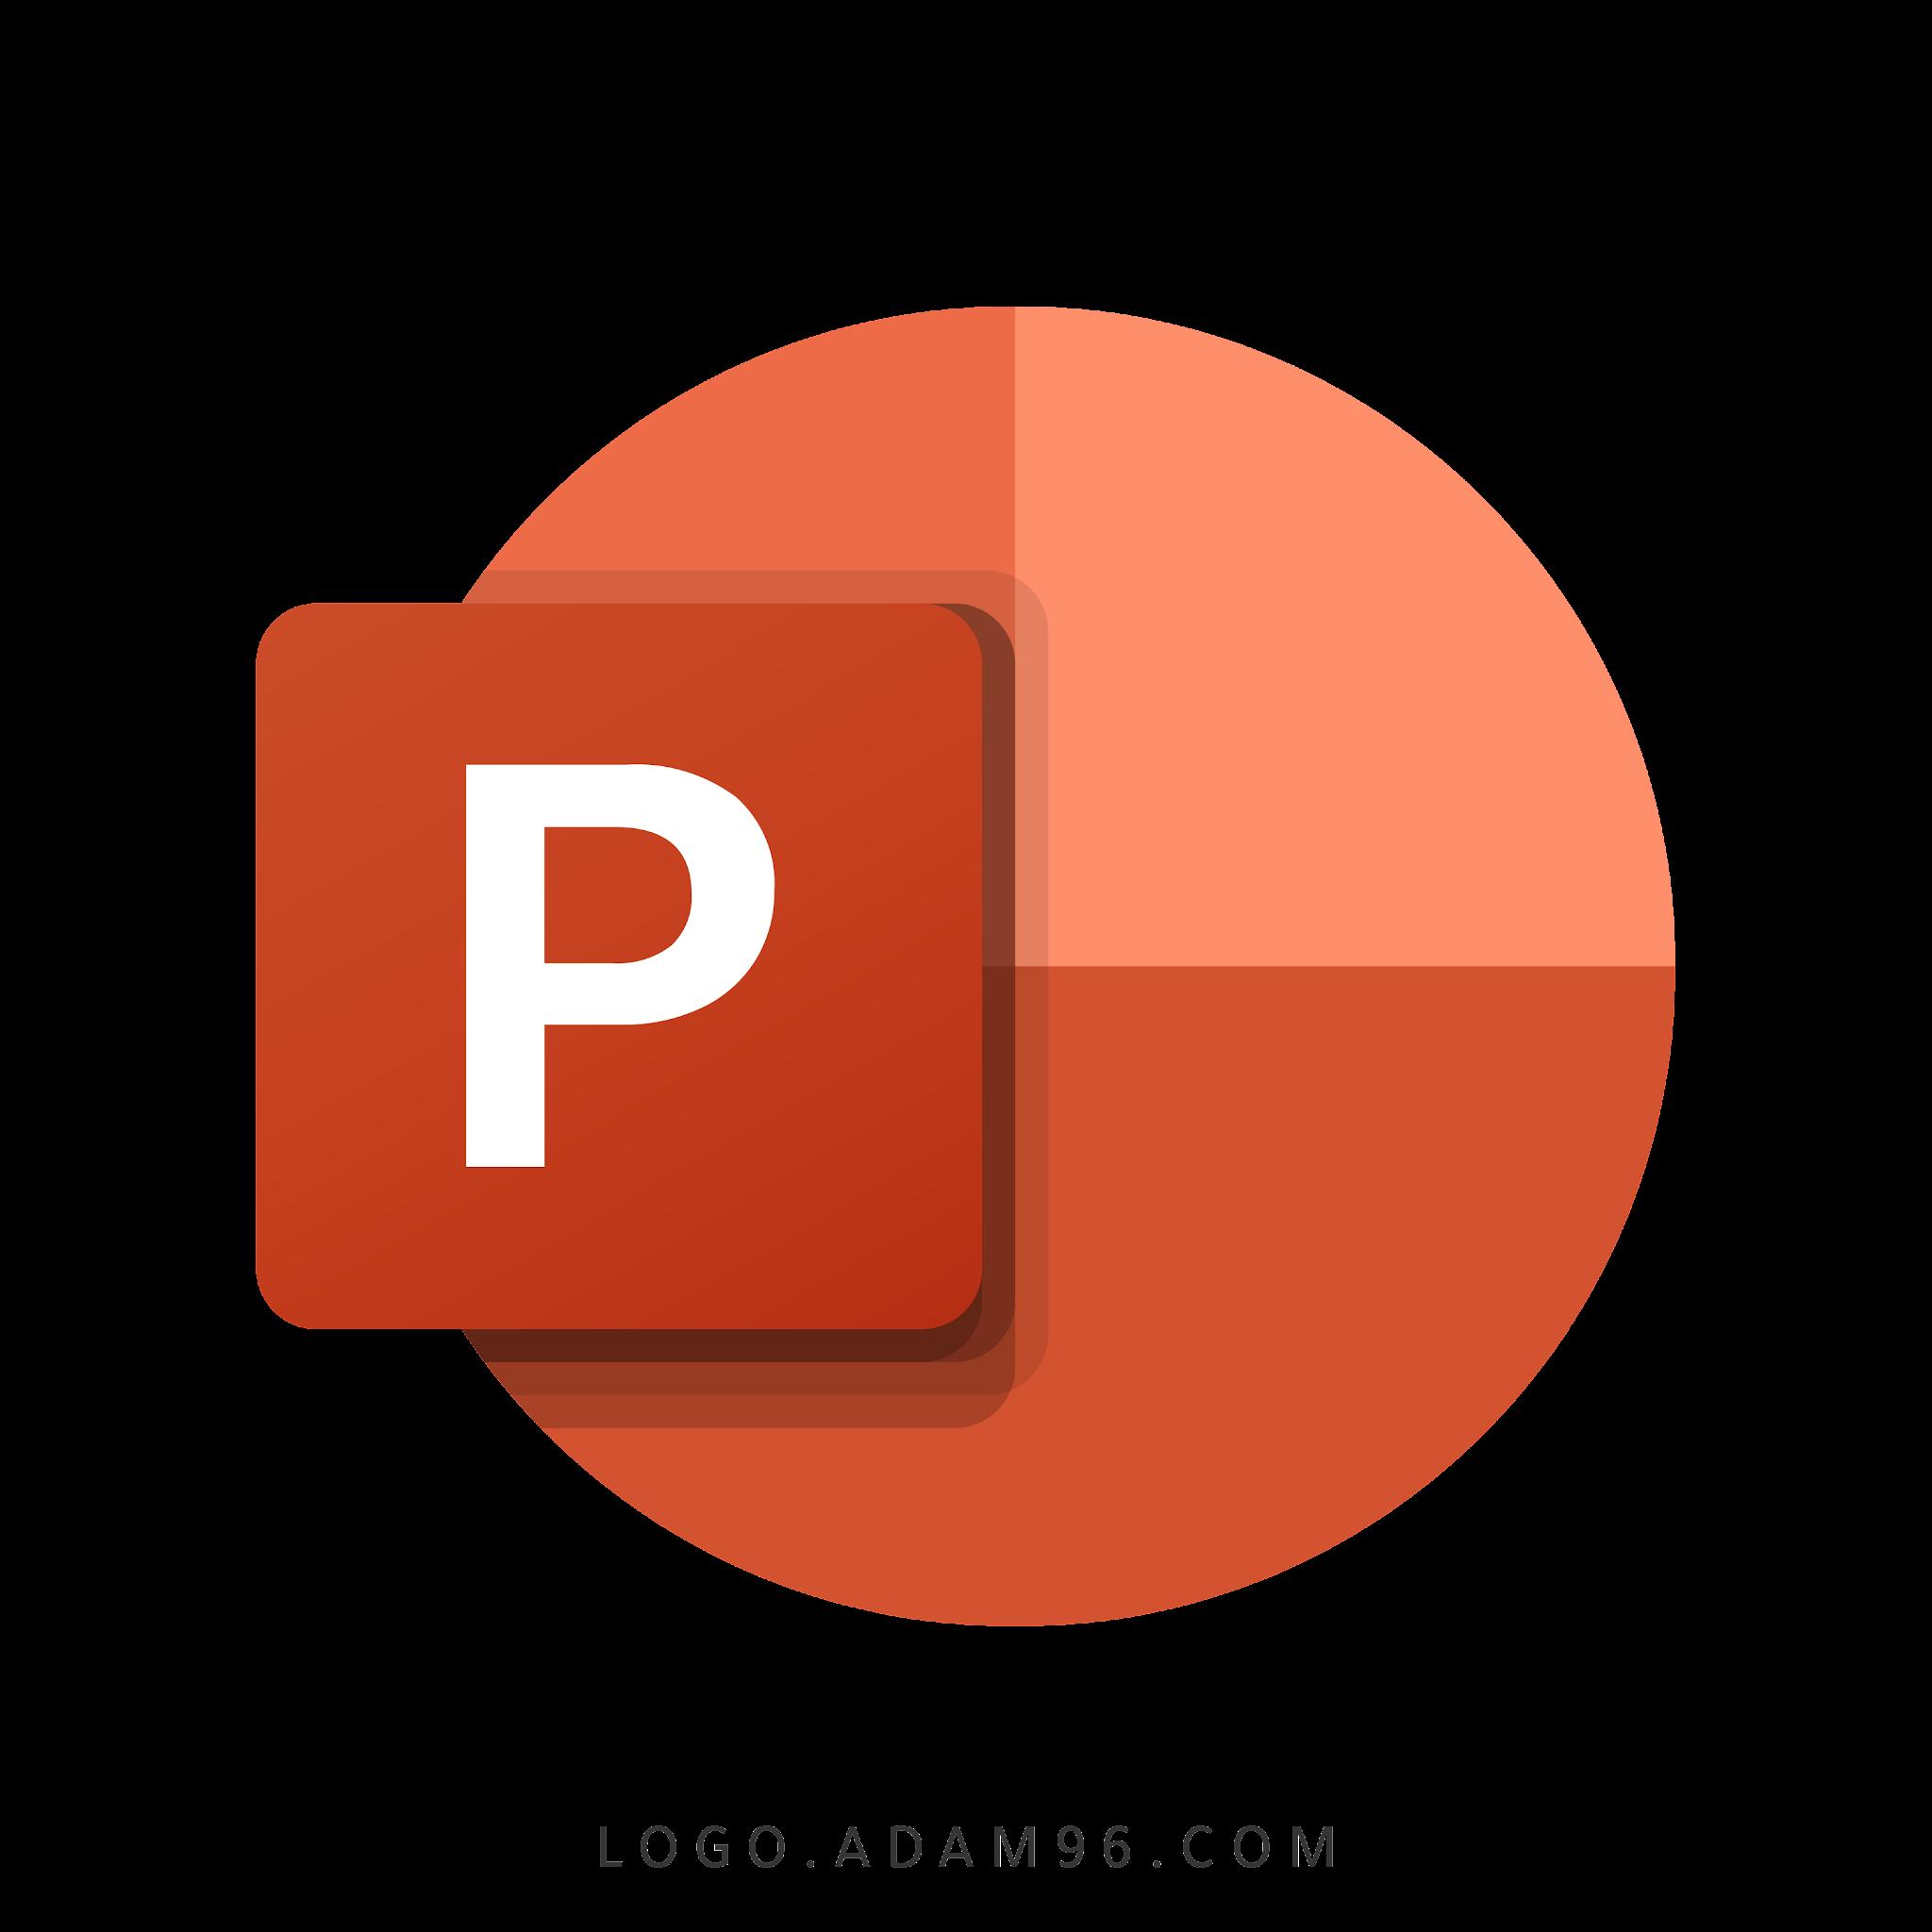 تحميل شعار مايكروسوفت باوربوينت لوجو رسمي عالي الدقة شفاف Logo Microsoft PowerPoint PNG